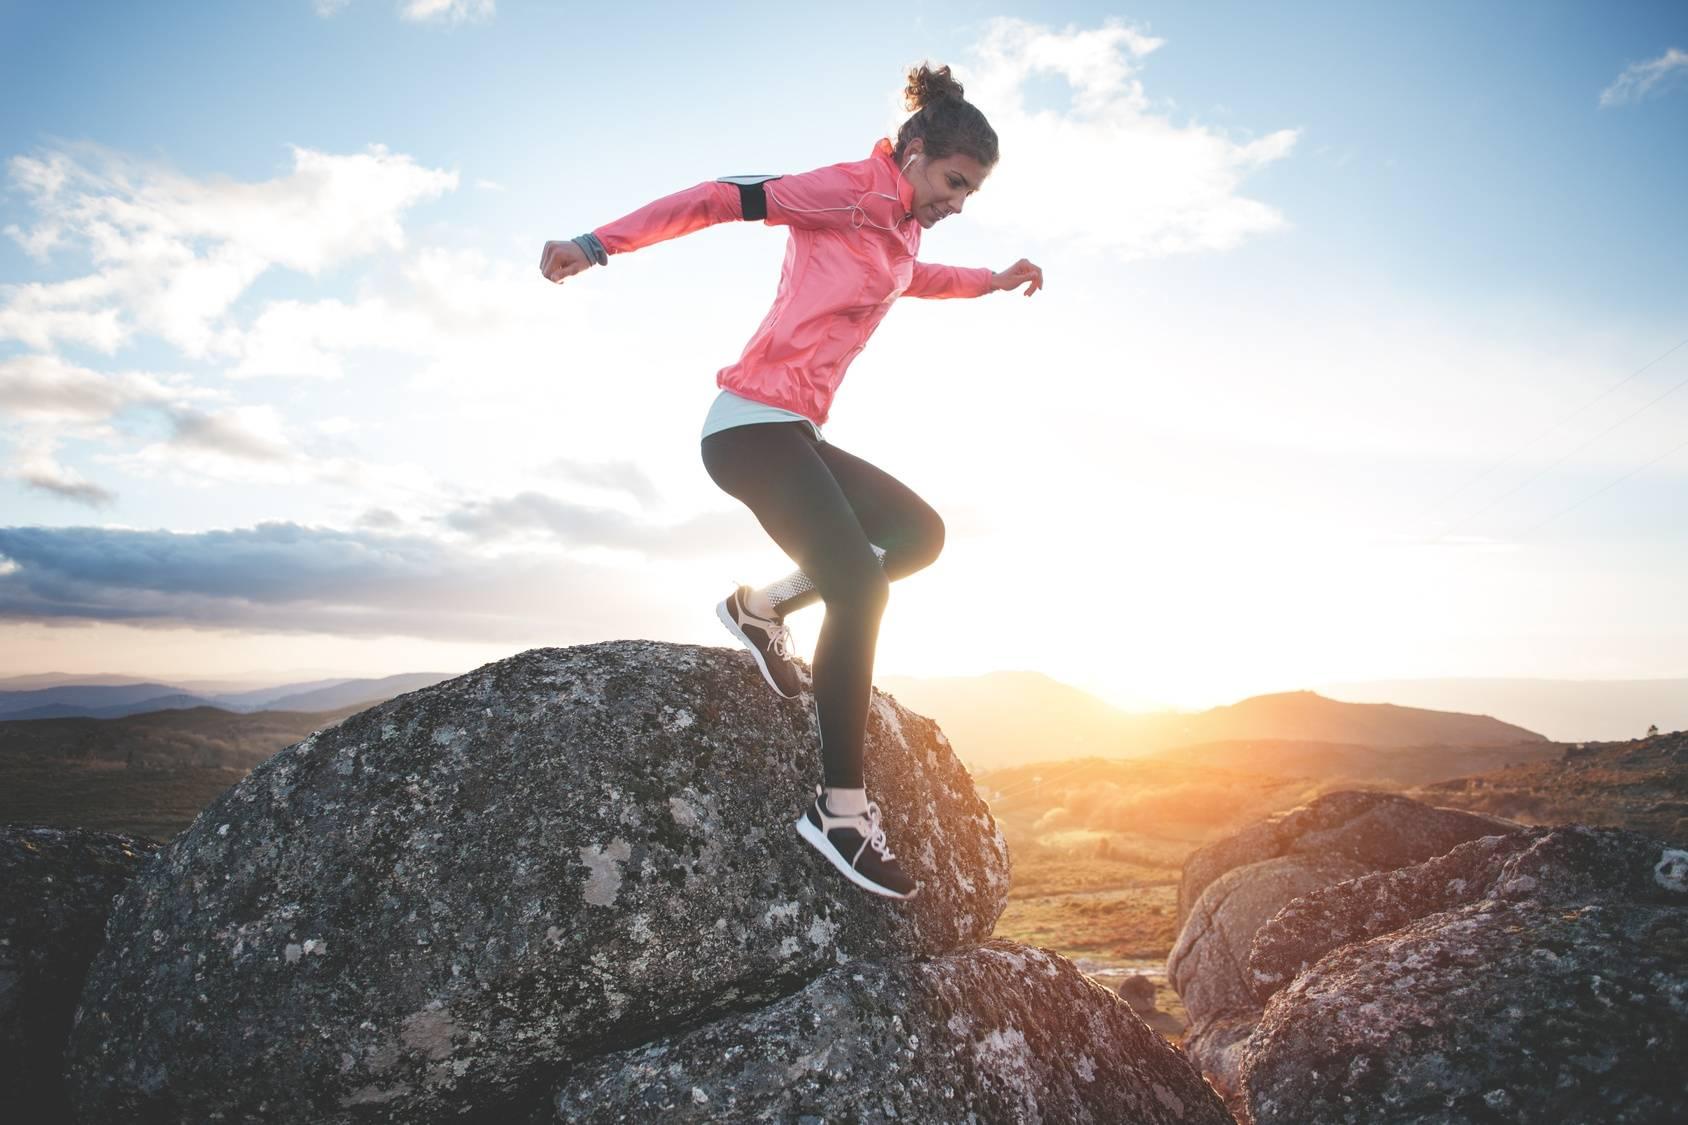 Sok z buraka - izotonik dla sportowców. Kobieta w sportowym stroju biegająca po górach i skałach o zachodzie słońca.